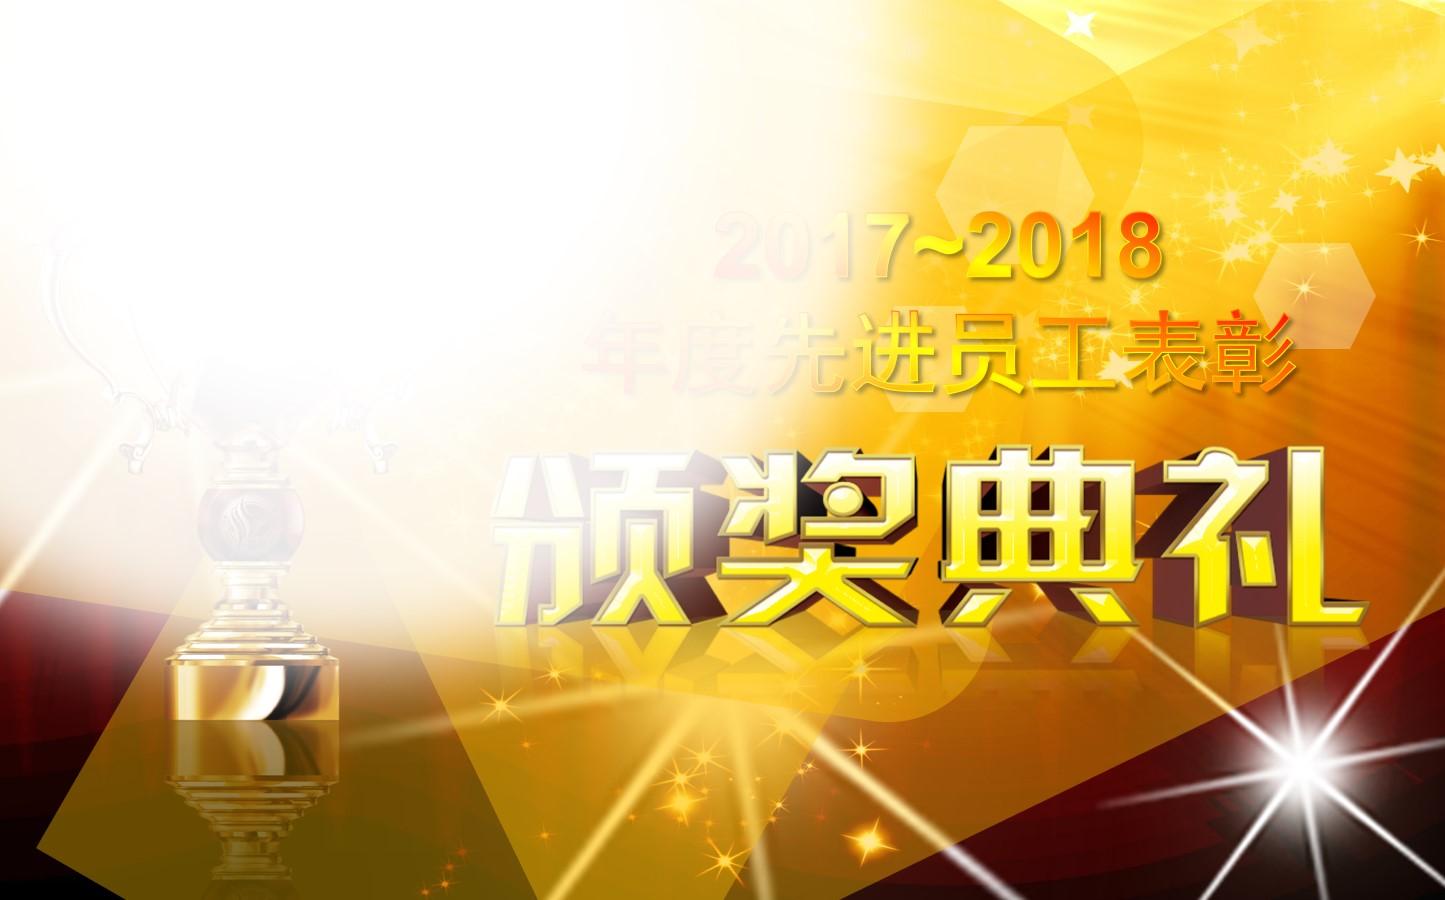 年度年会颁奖晚会PPT